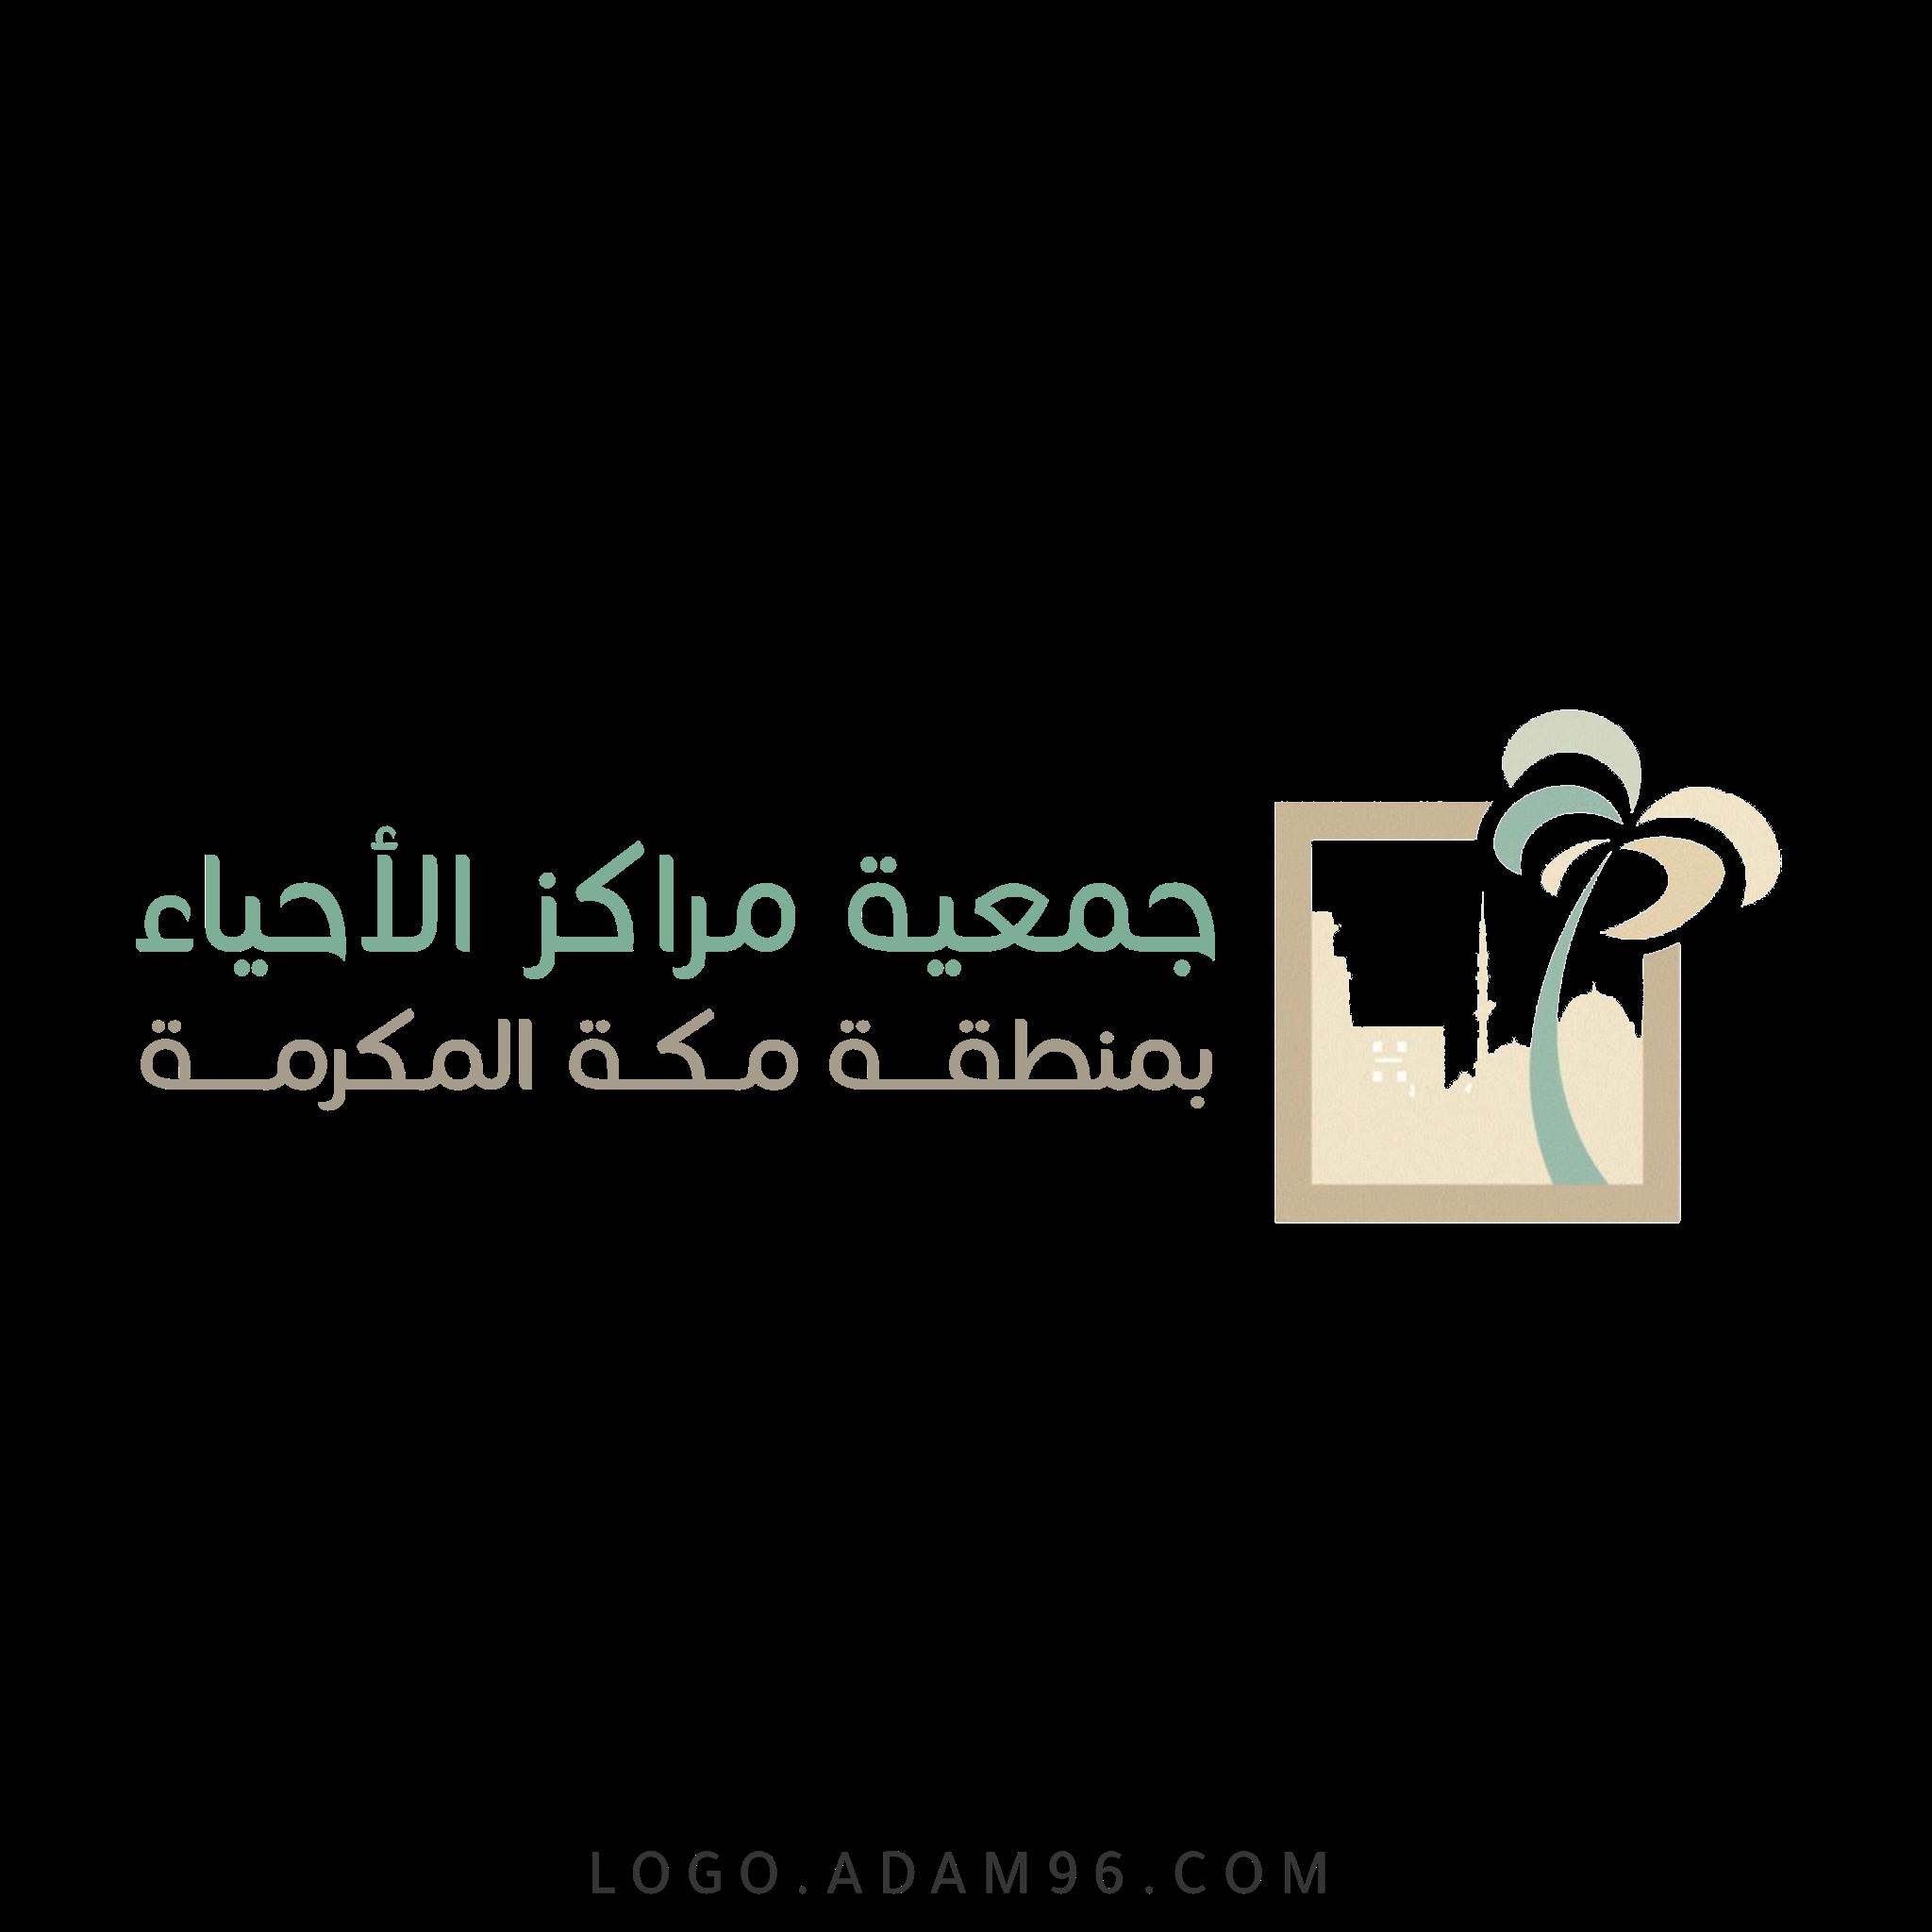 تحميل شعار جمعية مراكز الاحياء بمنطقة مكة المكرمة لوجو رسمي عالي الجودة PNG